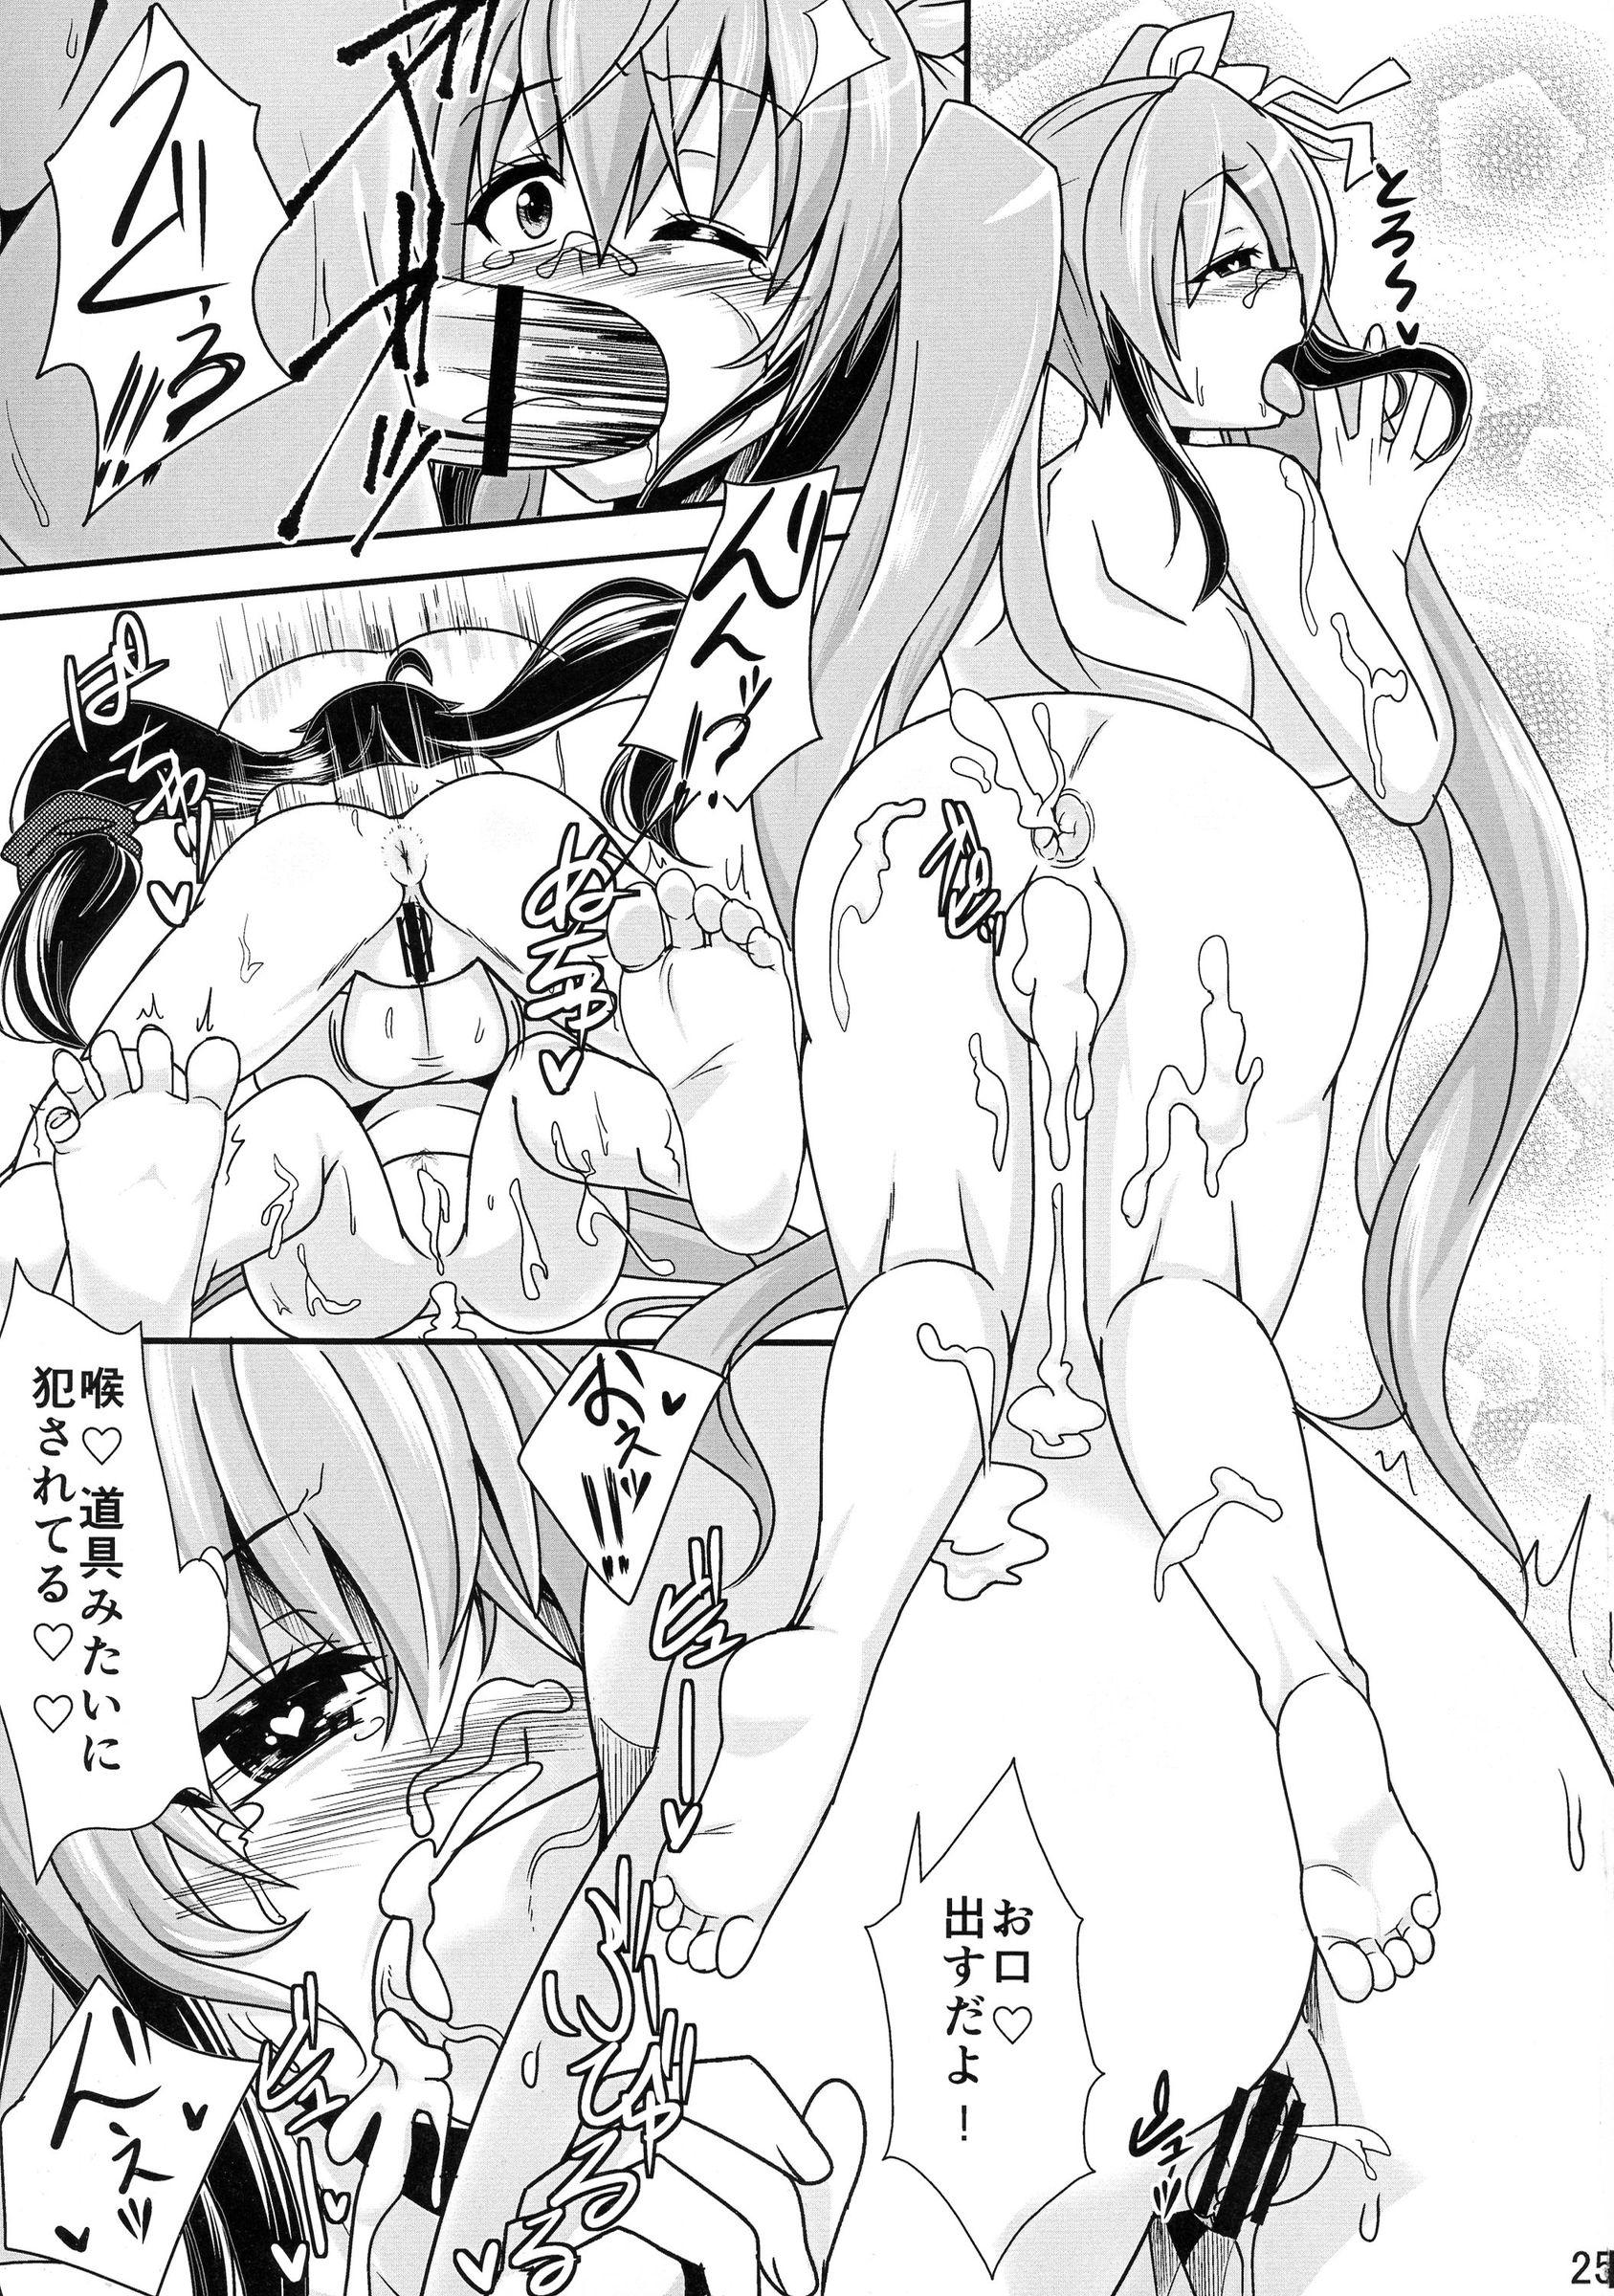 まんことアナルを同時に犯されてアヘ顔ダブルピース♡♡♡【エロ漫画・エロ同人】 (24)